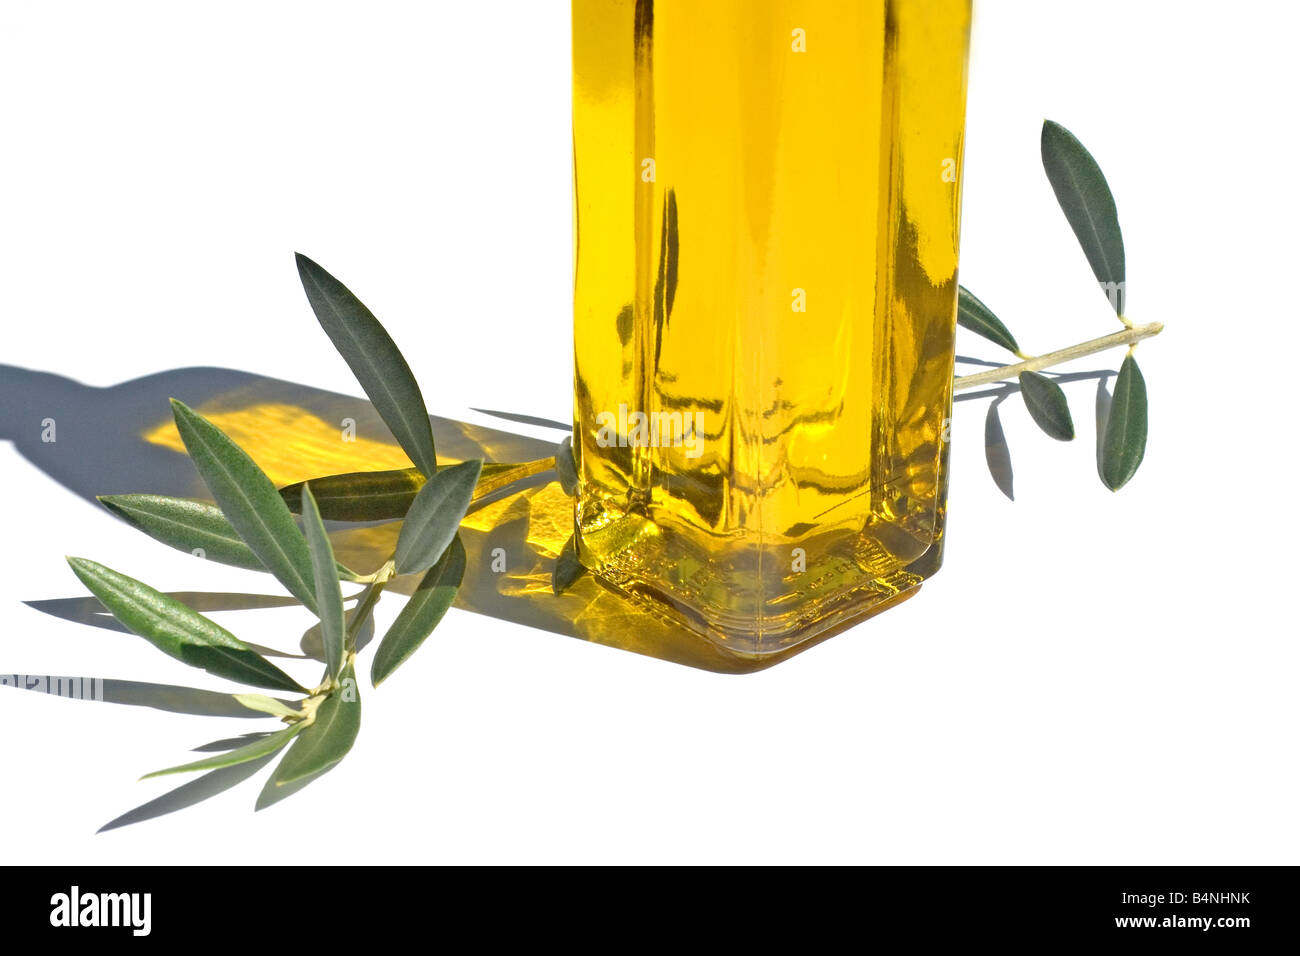 L'huile d'olive et de feuilles sur fond blanc Photo Stock